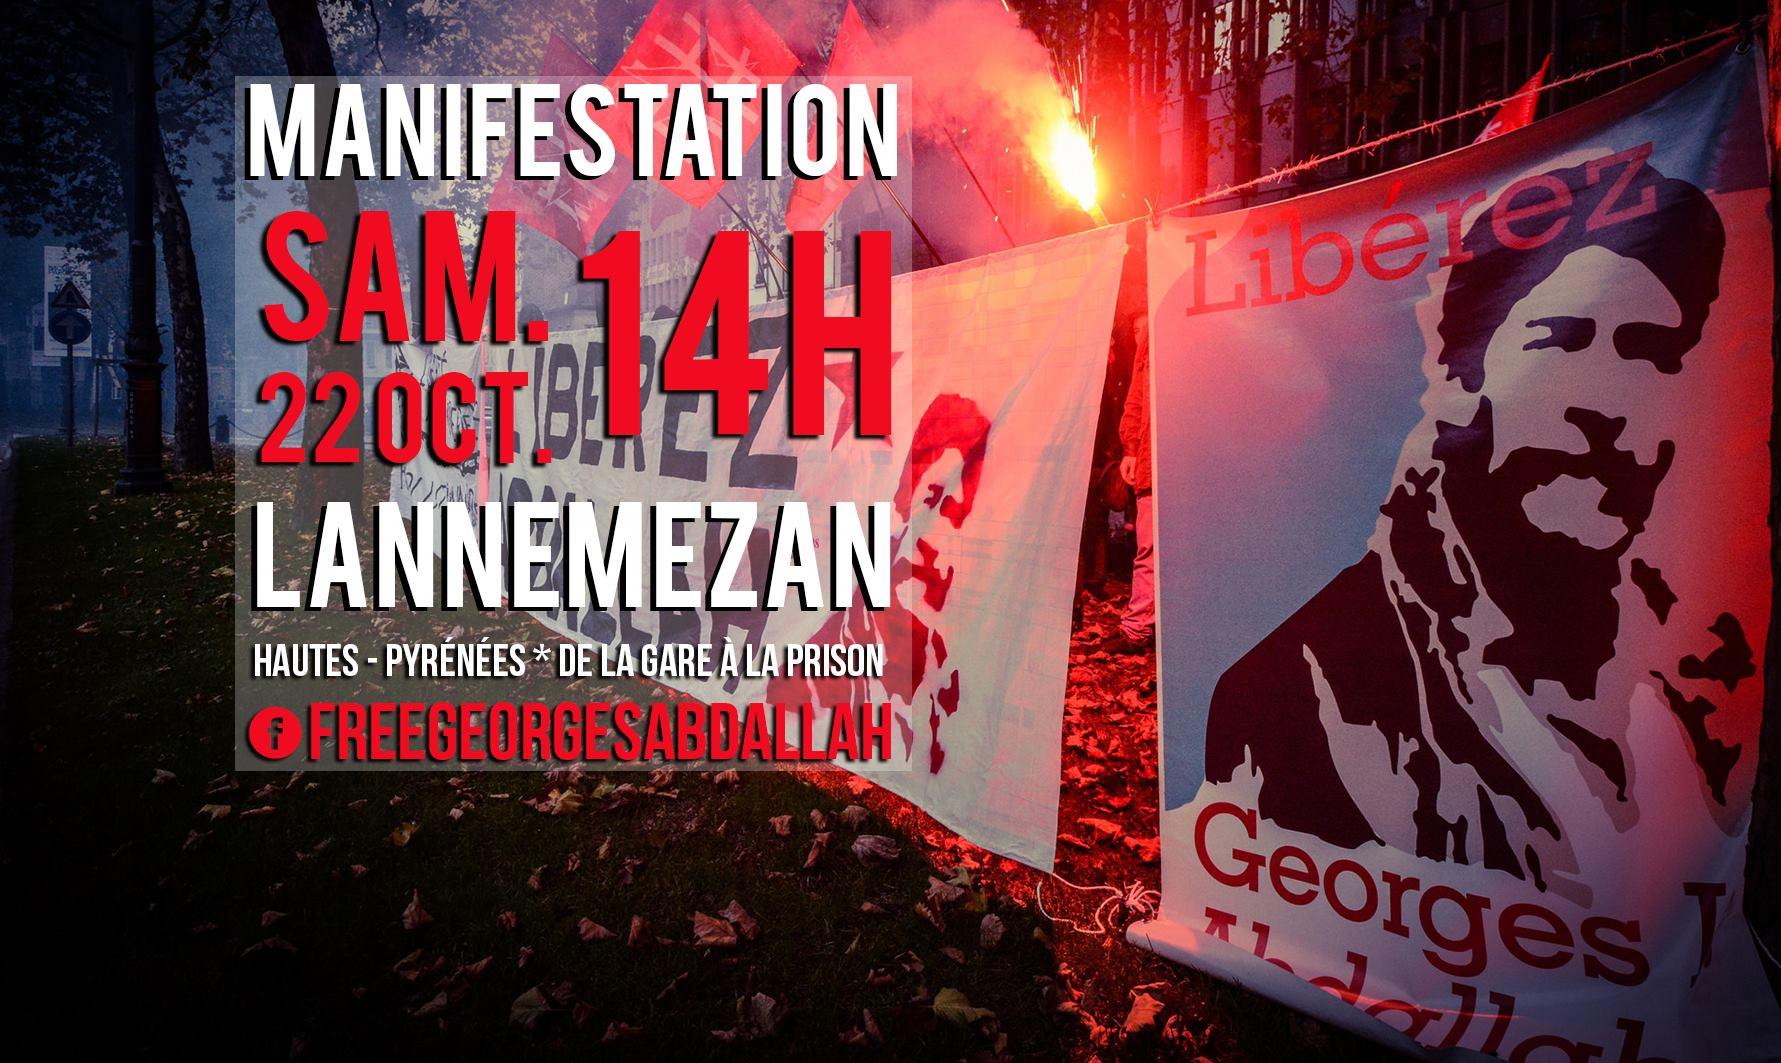 Manifestation pour Georges Ibrahim Abdallah ce 22 octobre à Lannemezan